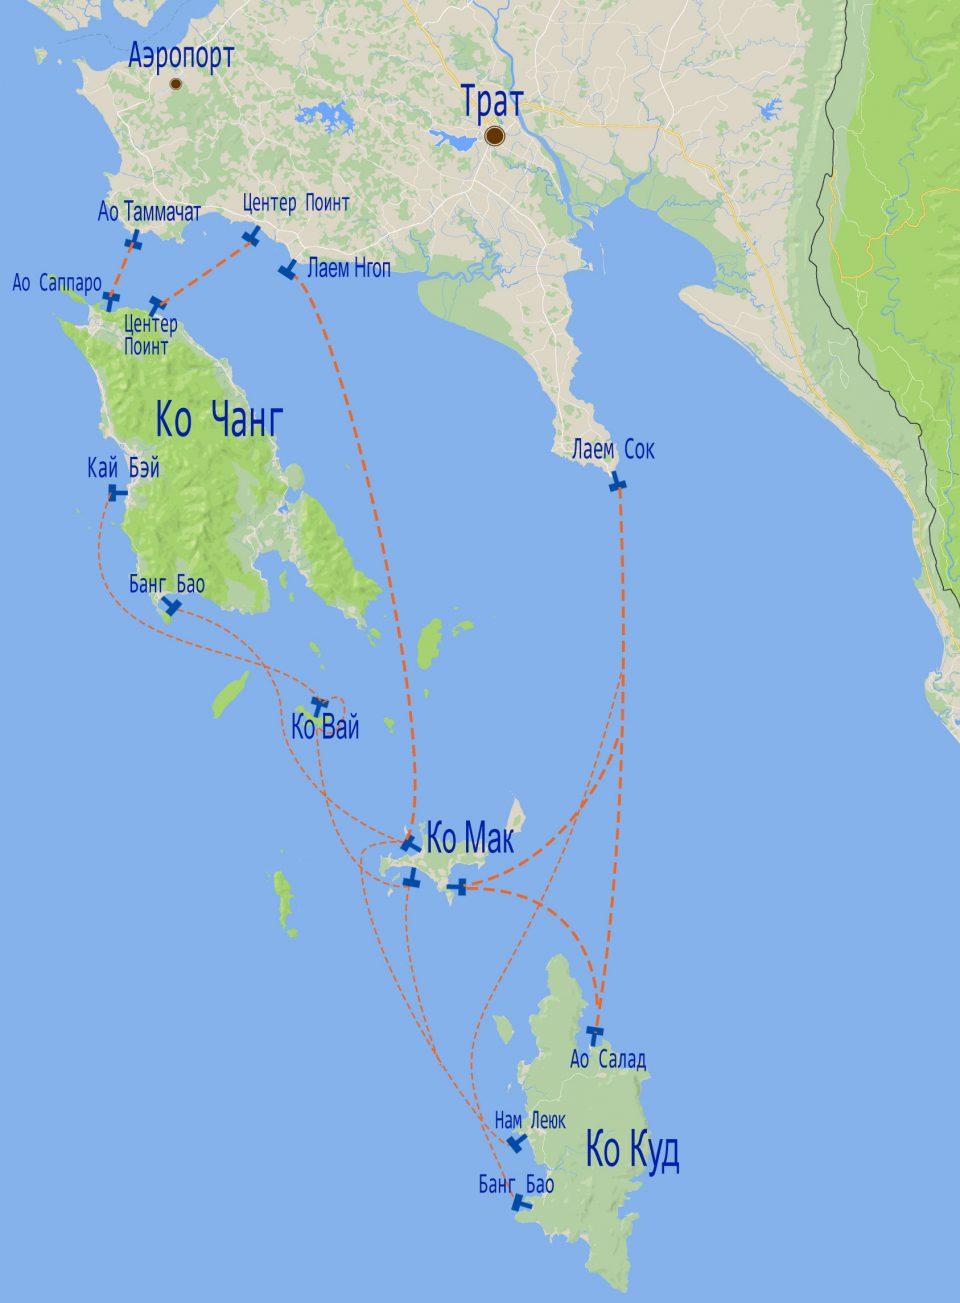 Карта маршрутов паром и лодок на Ко Чанге